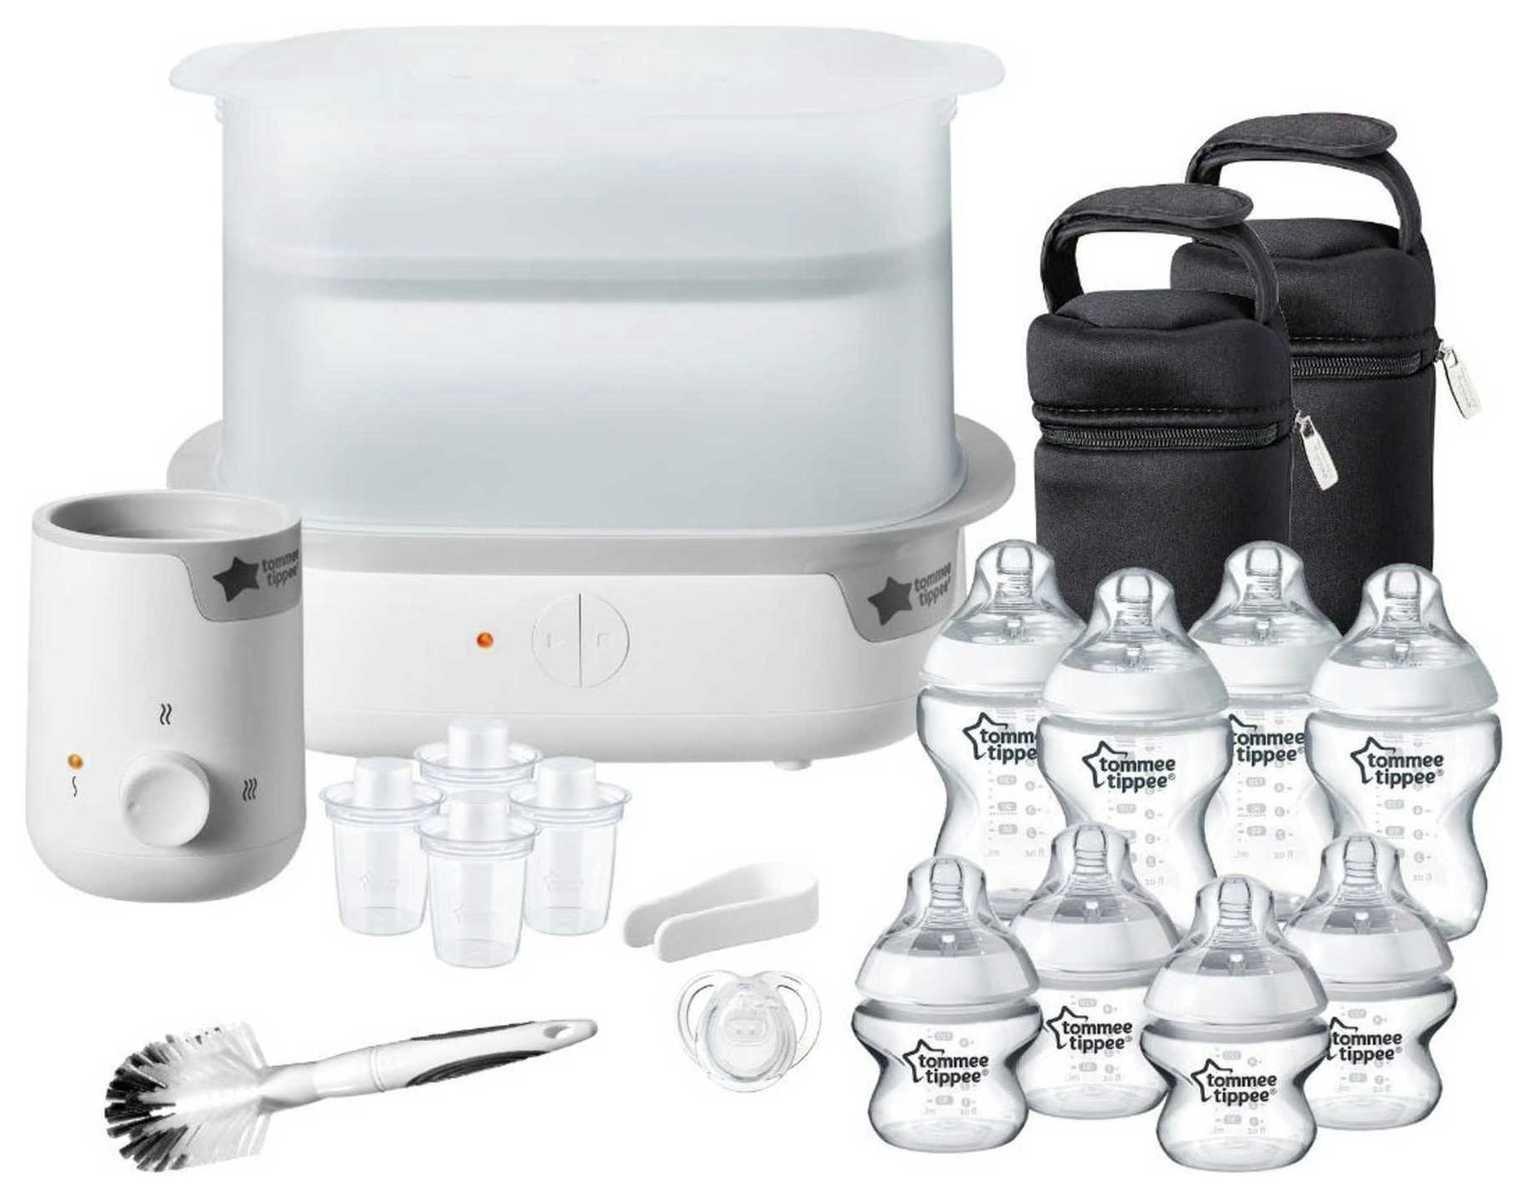 Tommee Tippee Complete Feeding Set & Baby Bottle Steriliser